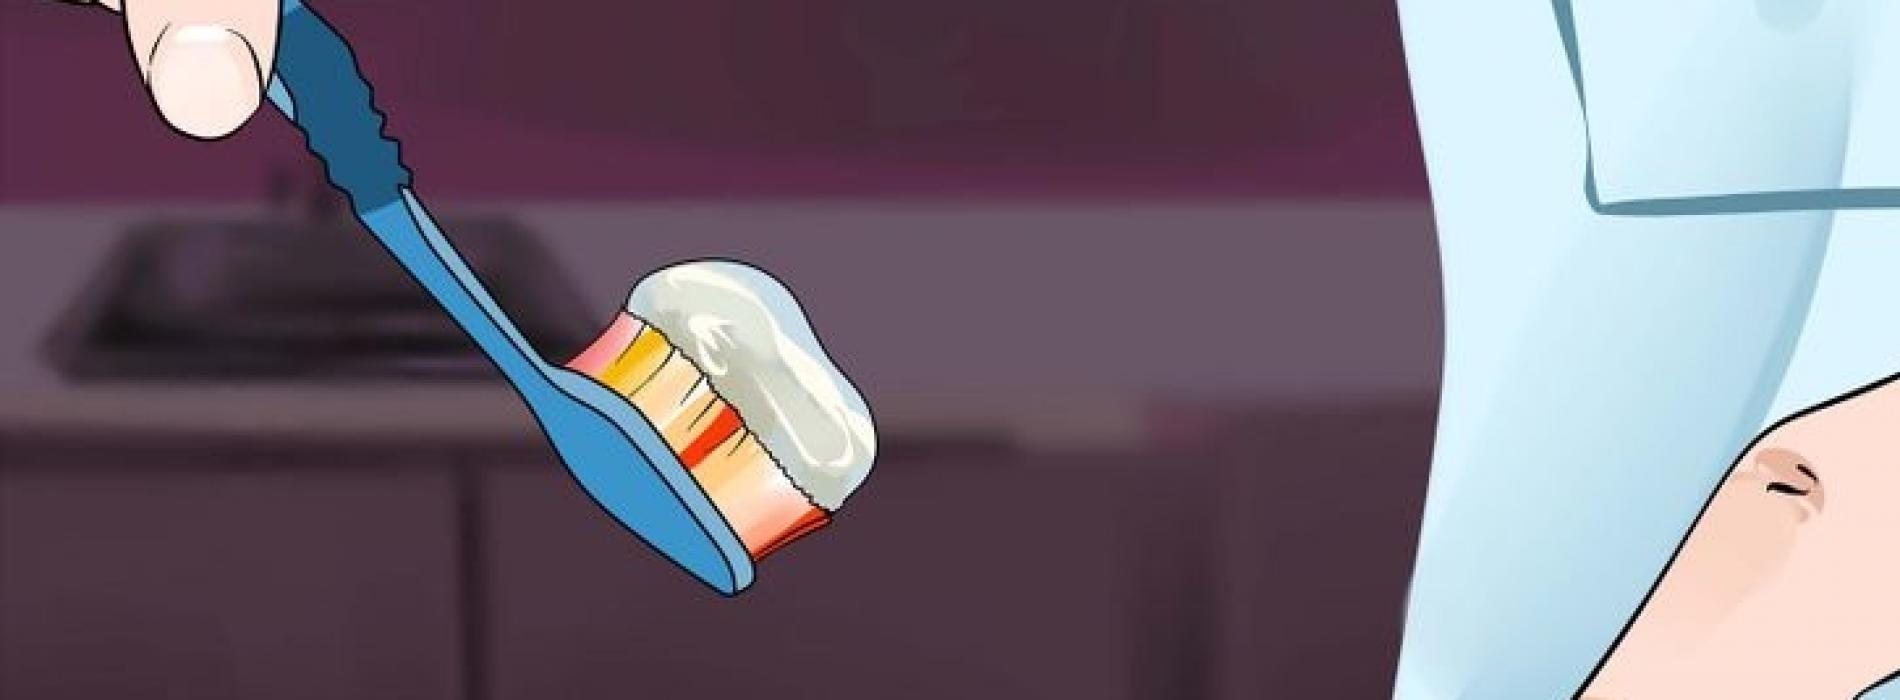 Door DIT te gebruiken kun je gaatjes in je tanden bestrijden en los zittende tanden helen!